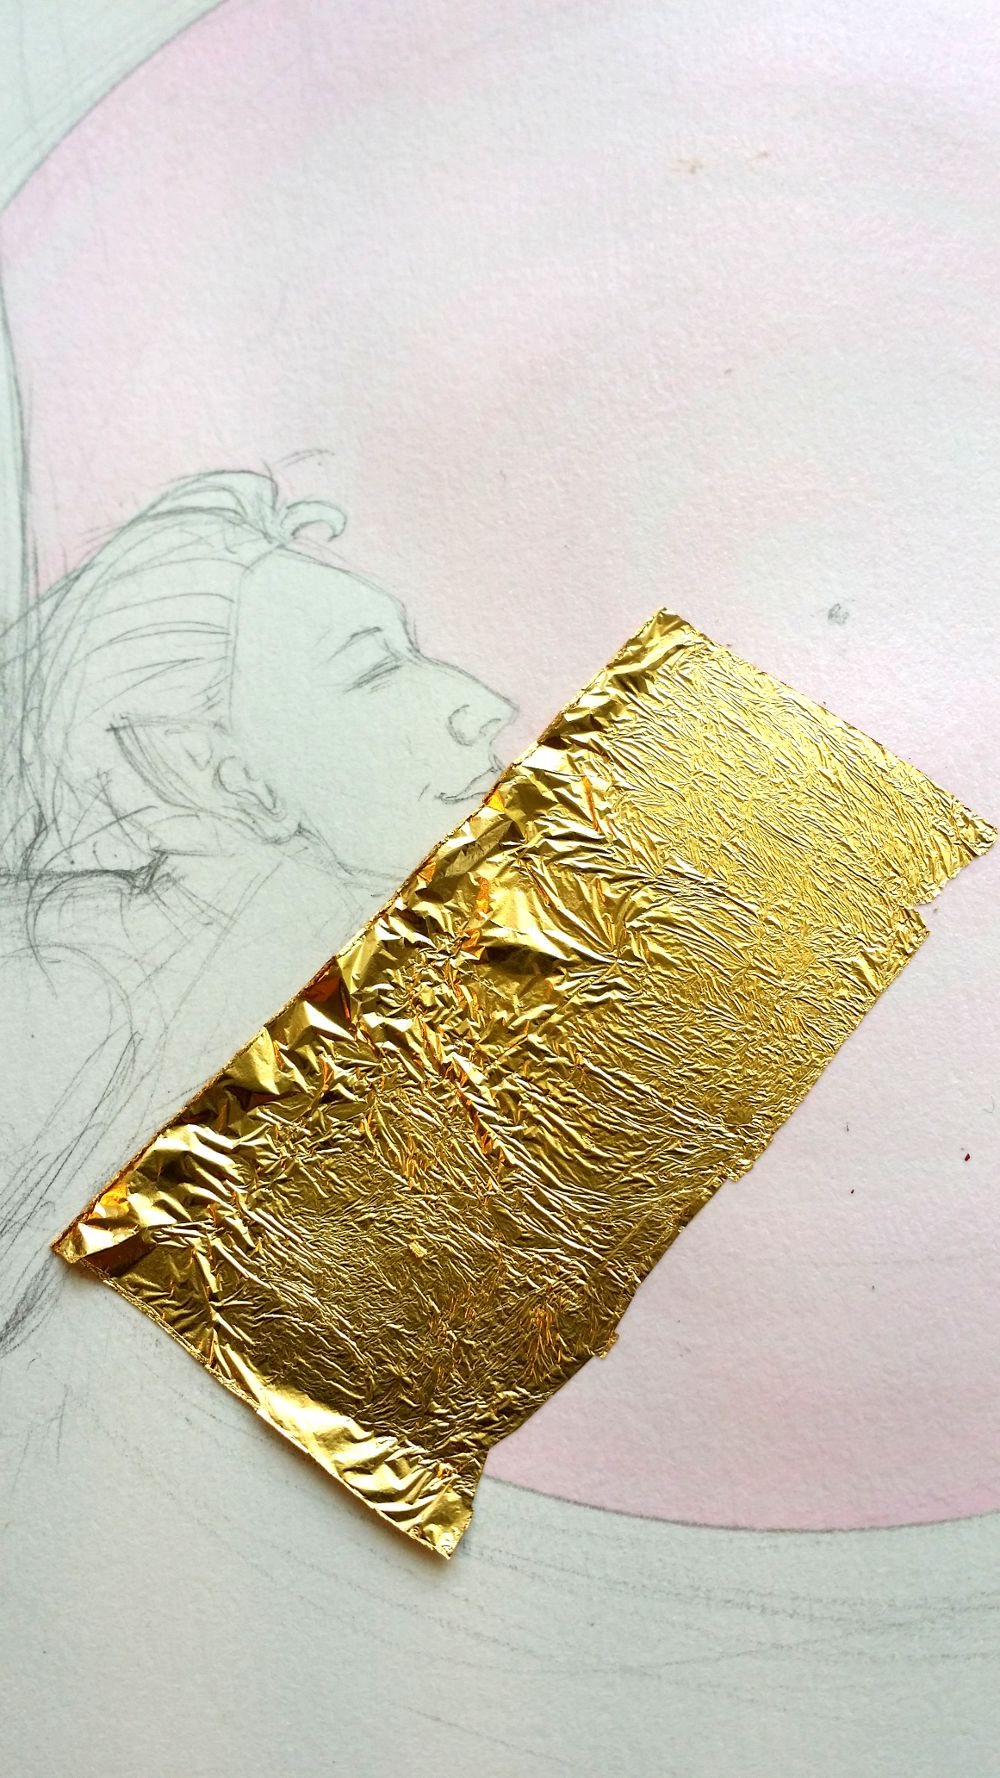 gold leaf application on rock